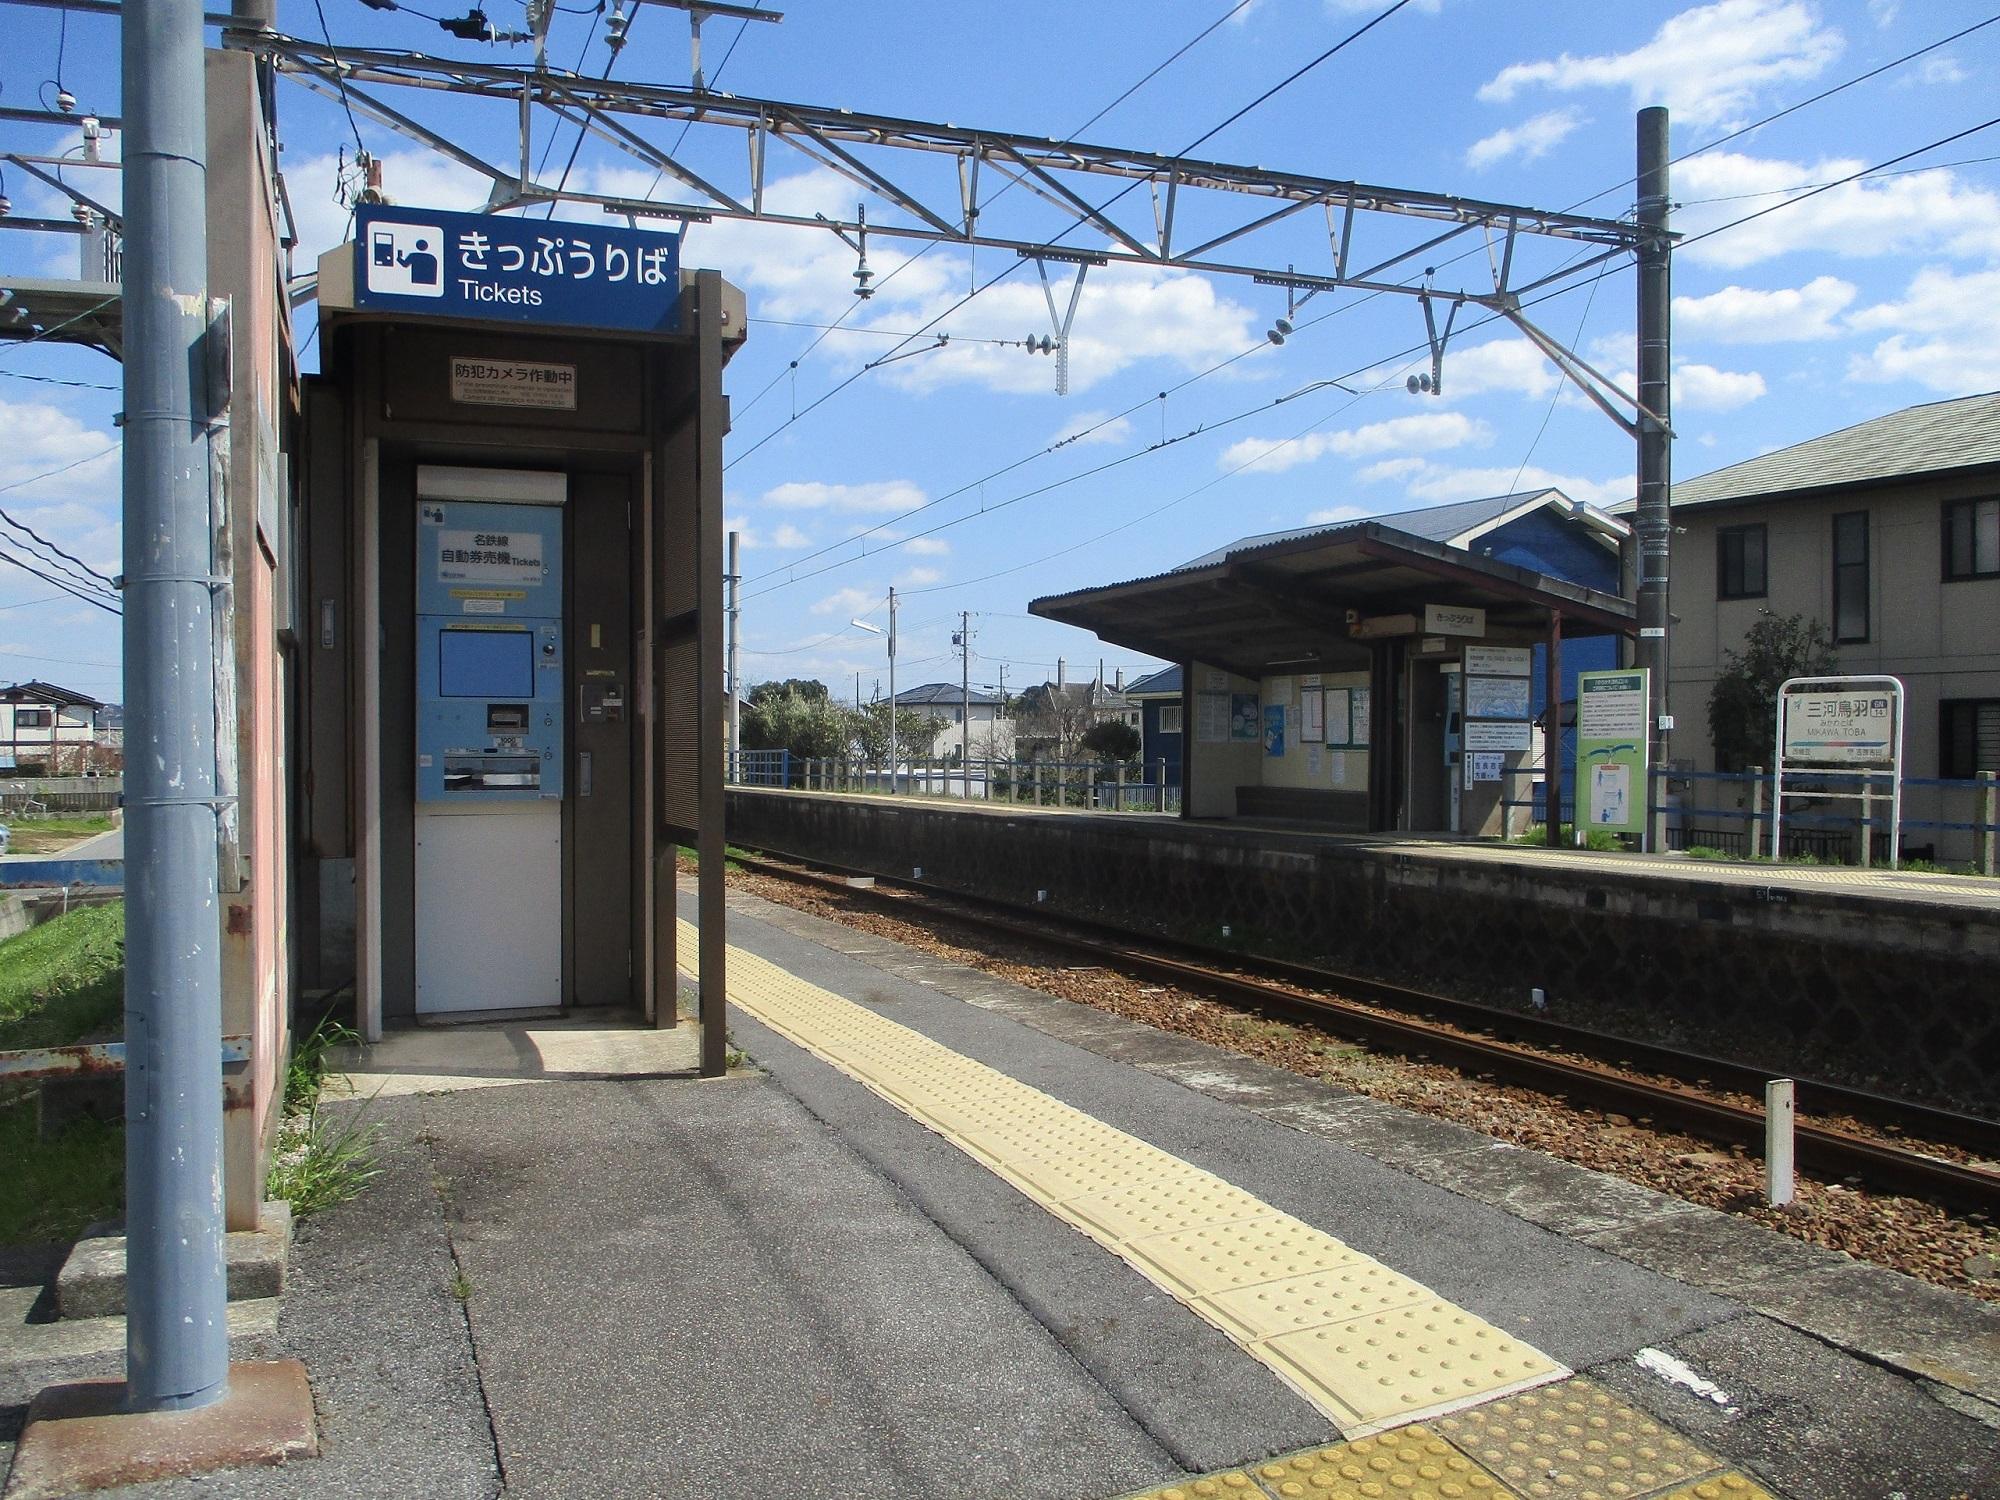 2020.3.24 (4) 三河鳥羽駅 2000-1500